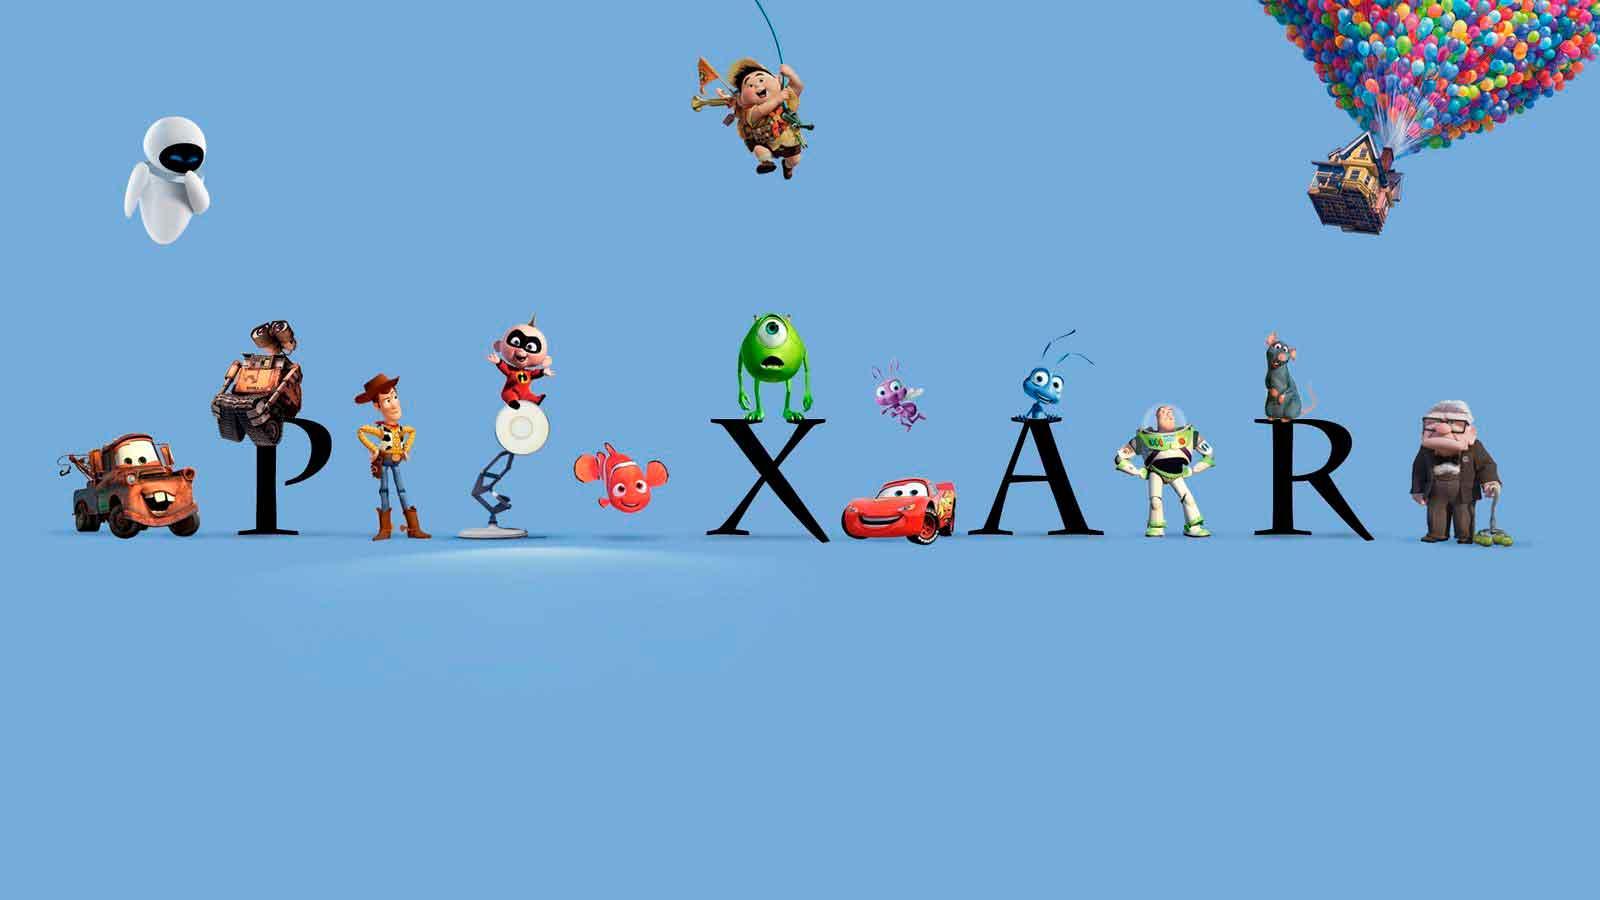 La teoría de Pixar que conecta casi todas sus películas